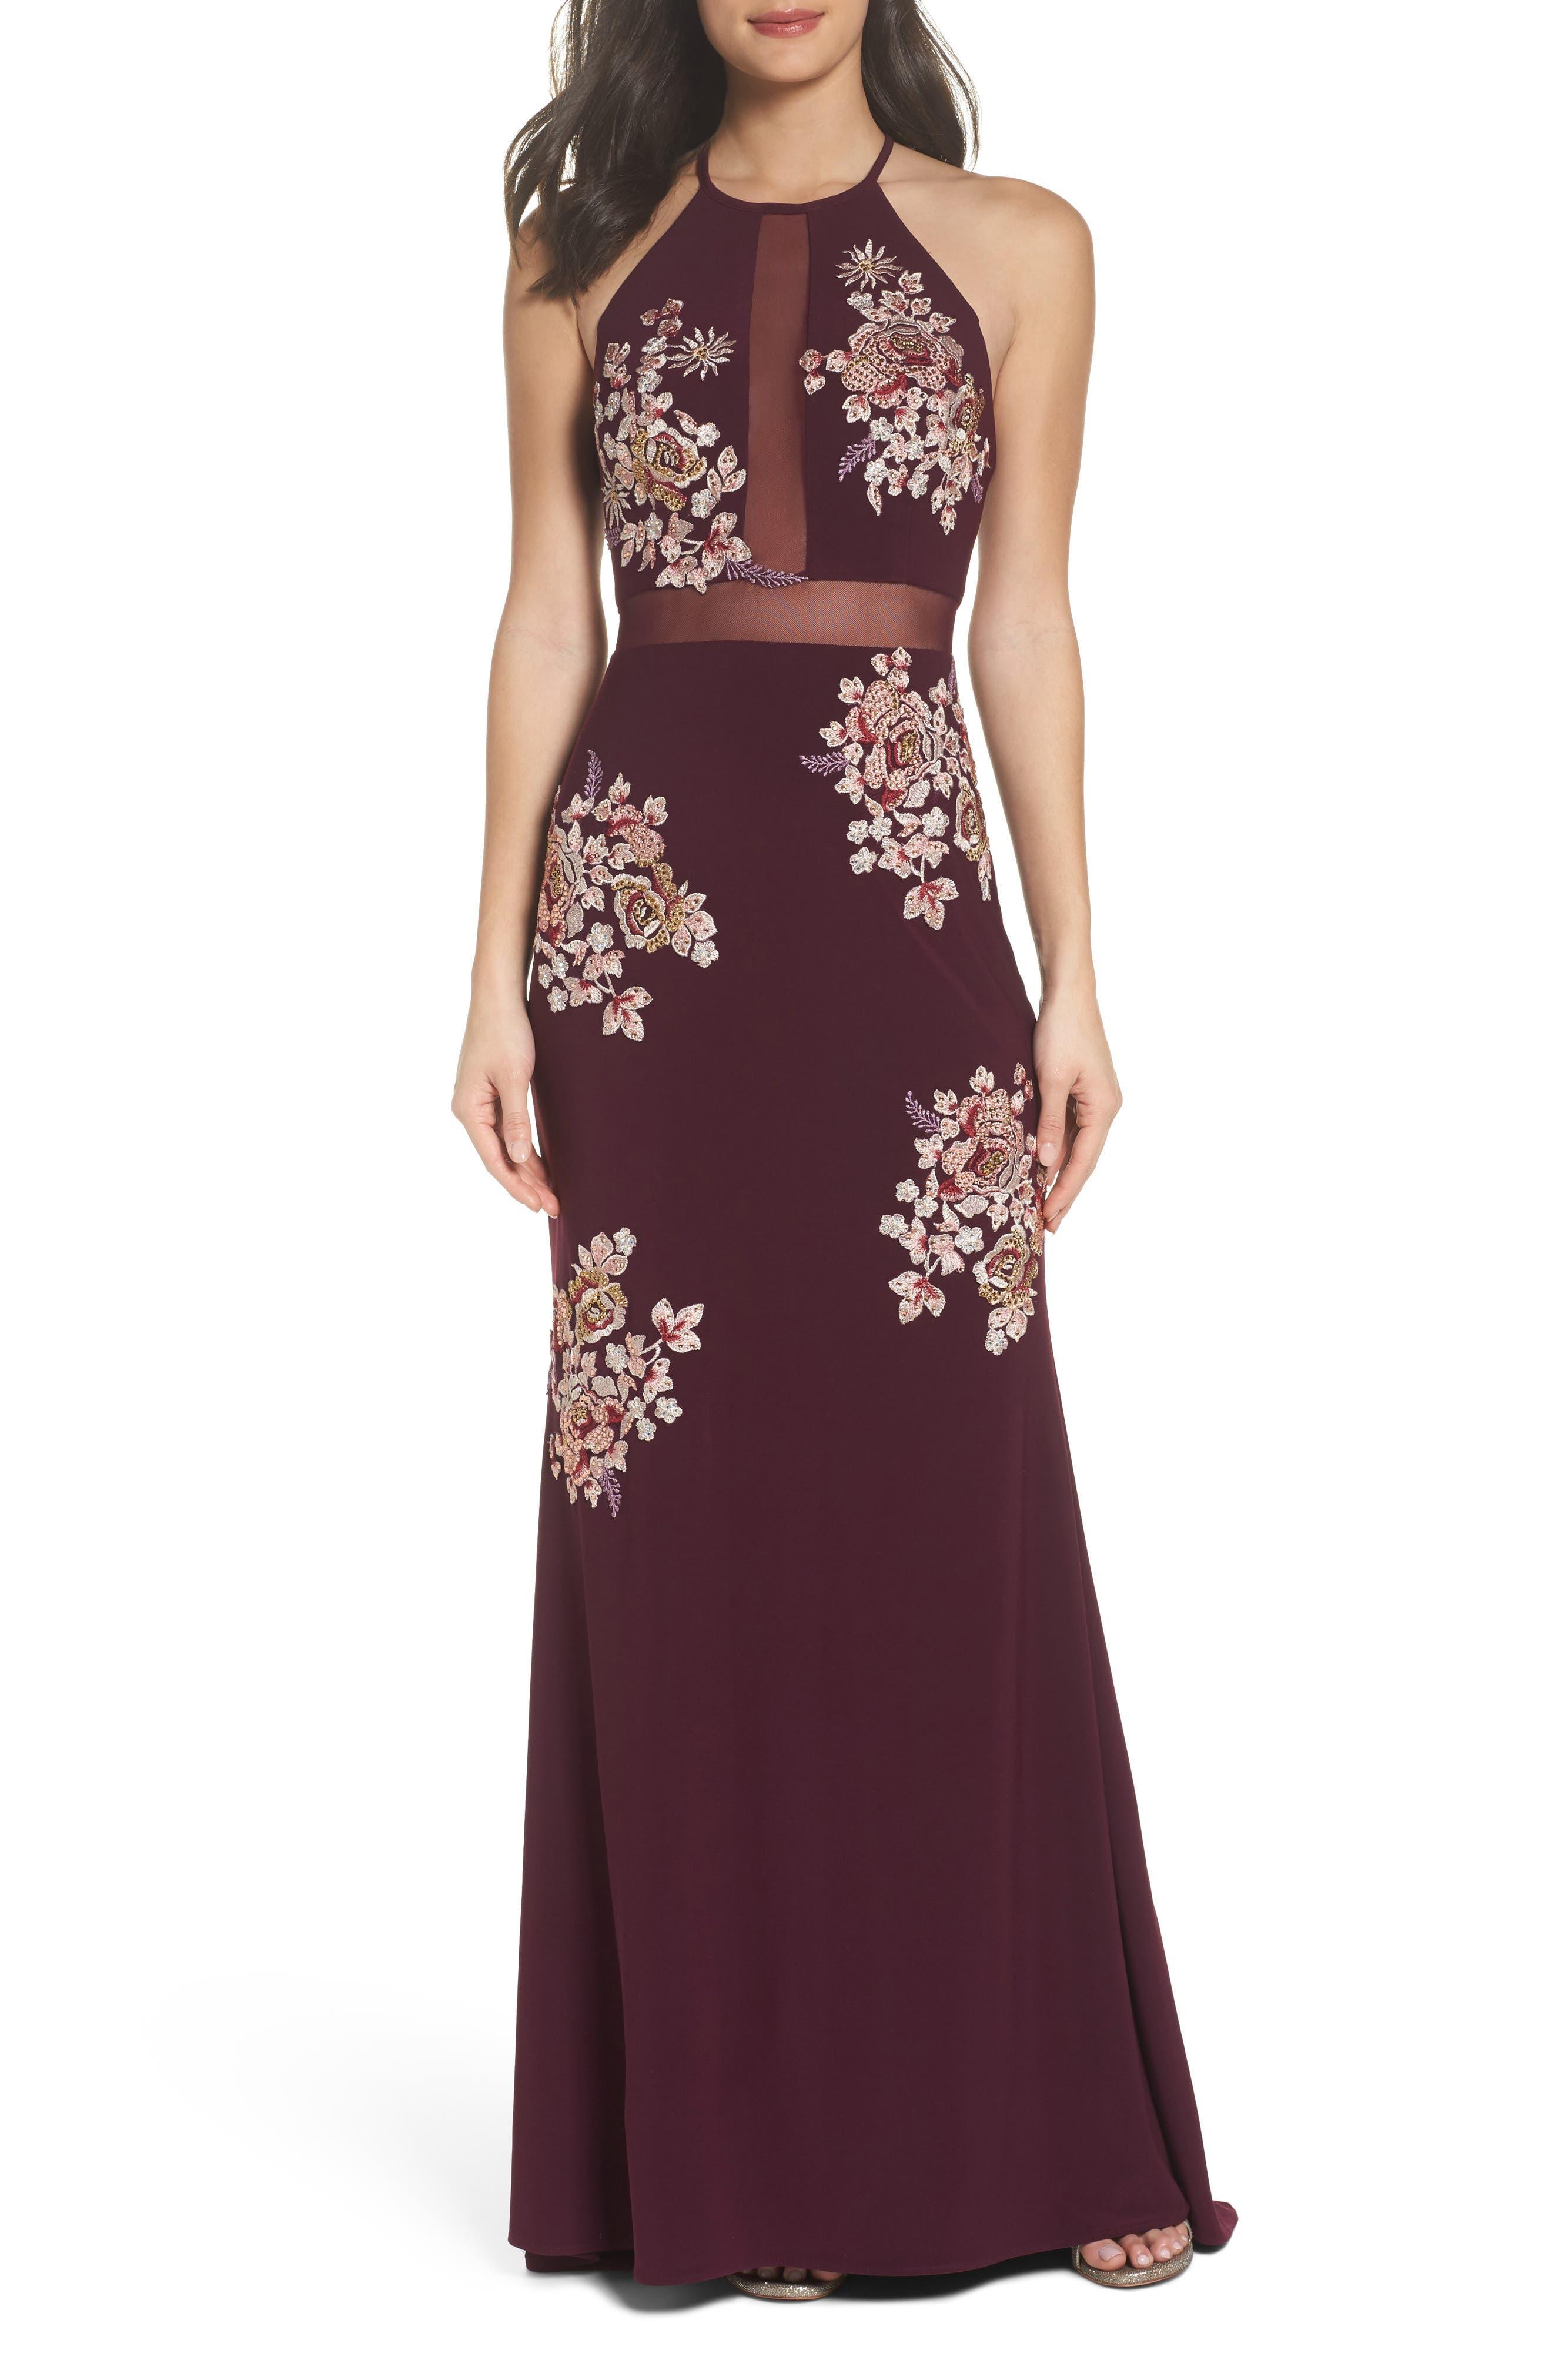 Main Image - Xscape Embellished Floral Halter Gown (Regular & Petite)